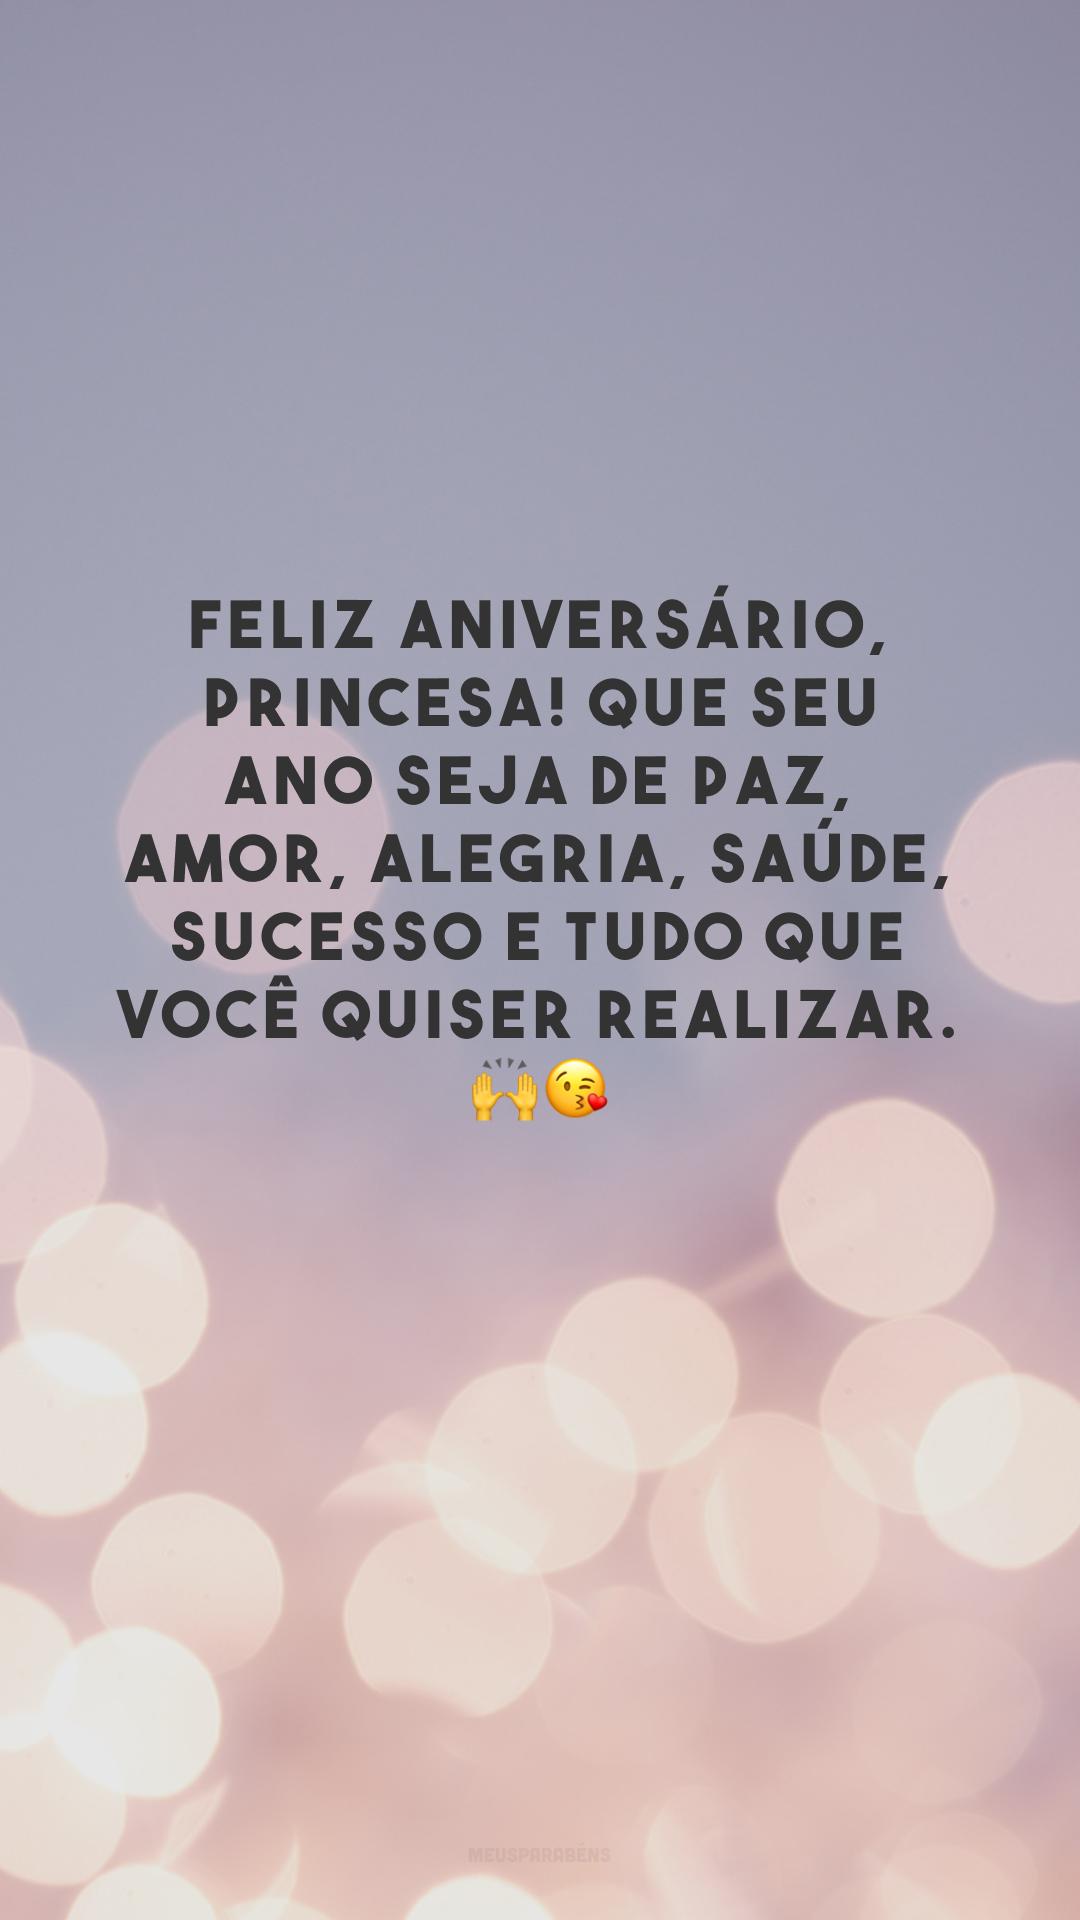 Feliz aniversário, princesa! Que seu ano seja de paz, amor, alegria, saúde, sucesso e tudo que você quiser realizar. 🙌😘